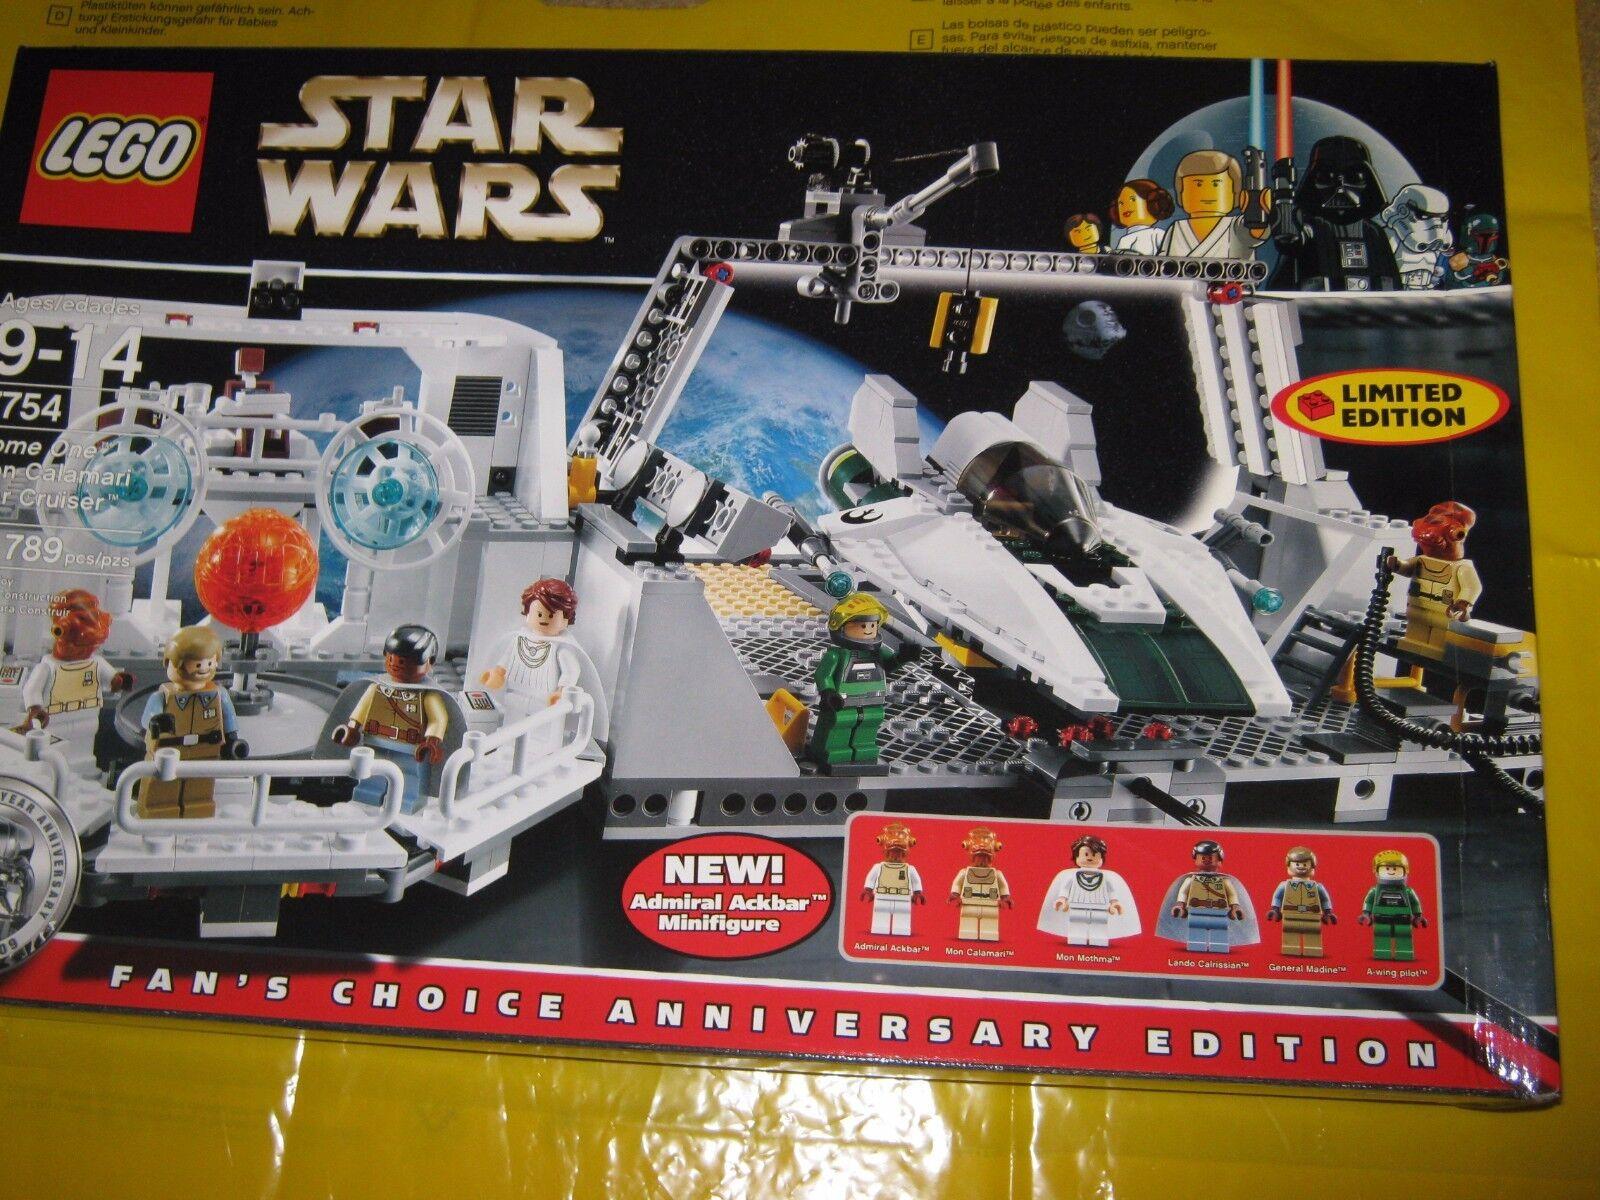 LEGO 7754 Star Wars a casa una MON CALAMARI STAR CRUISER BNISB-RITIRATO 2009 NUOVO